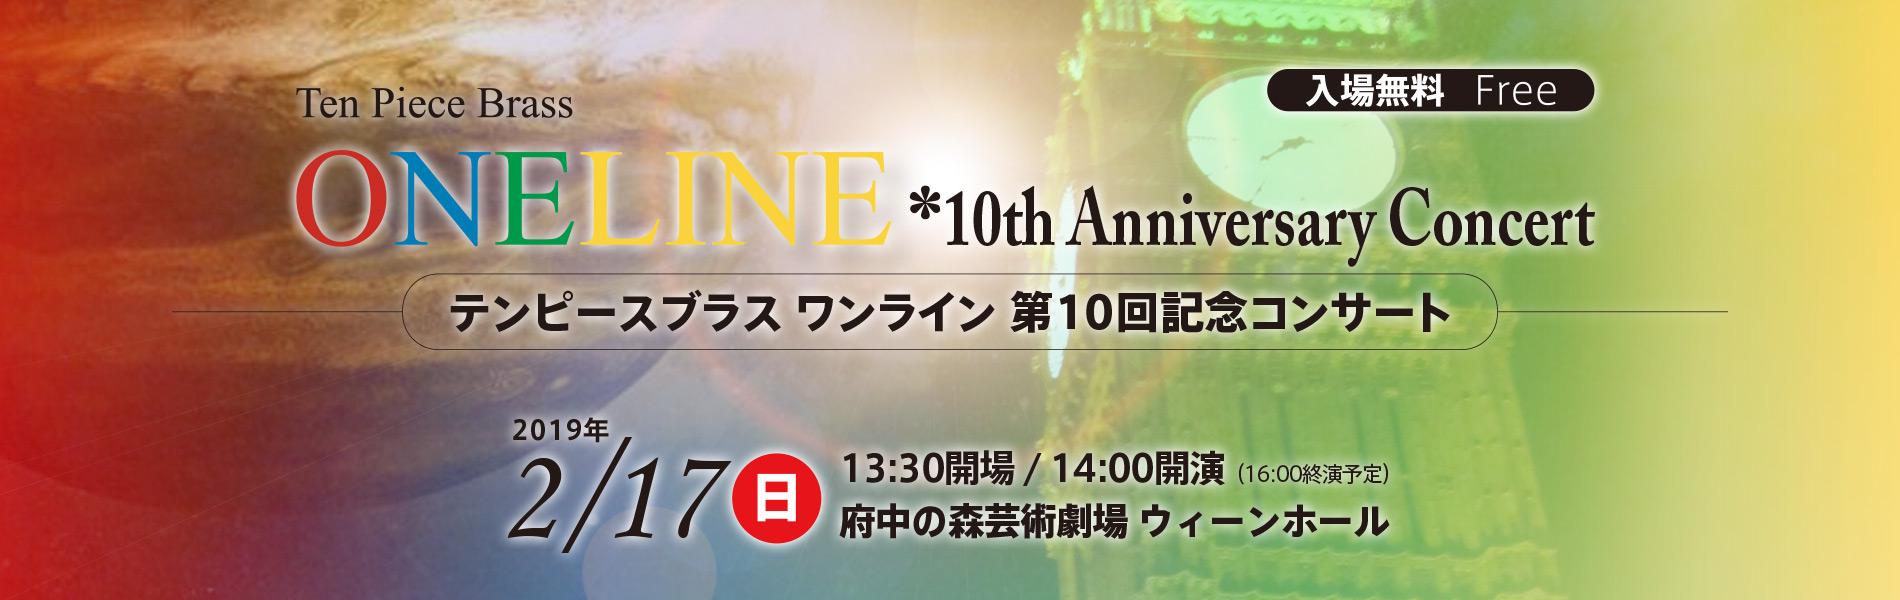 第10回記念コンサート